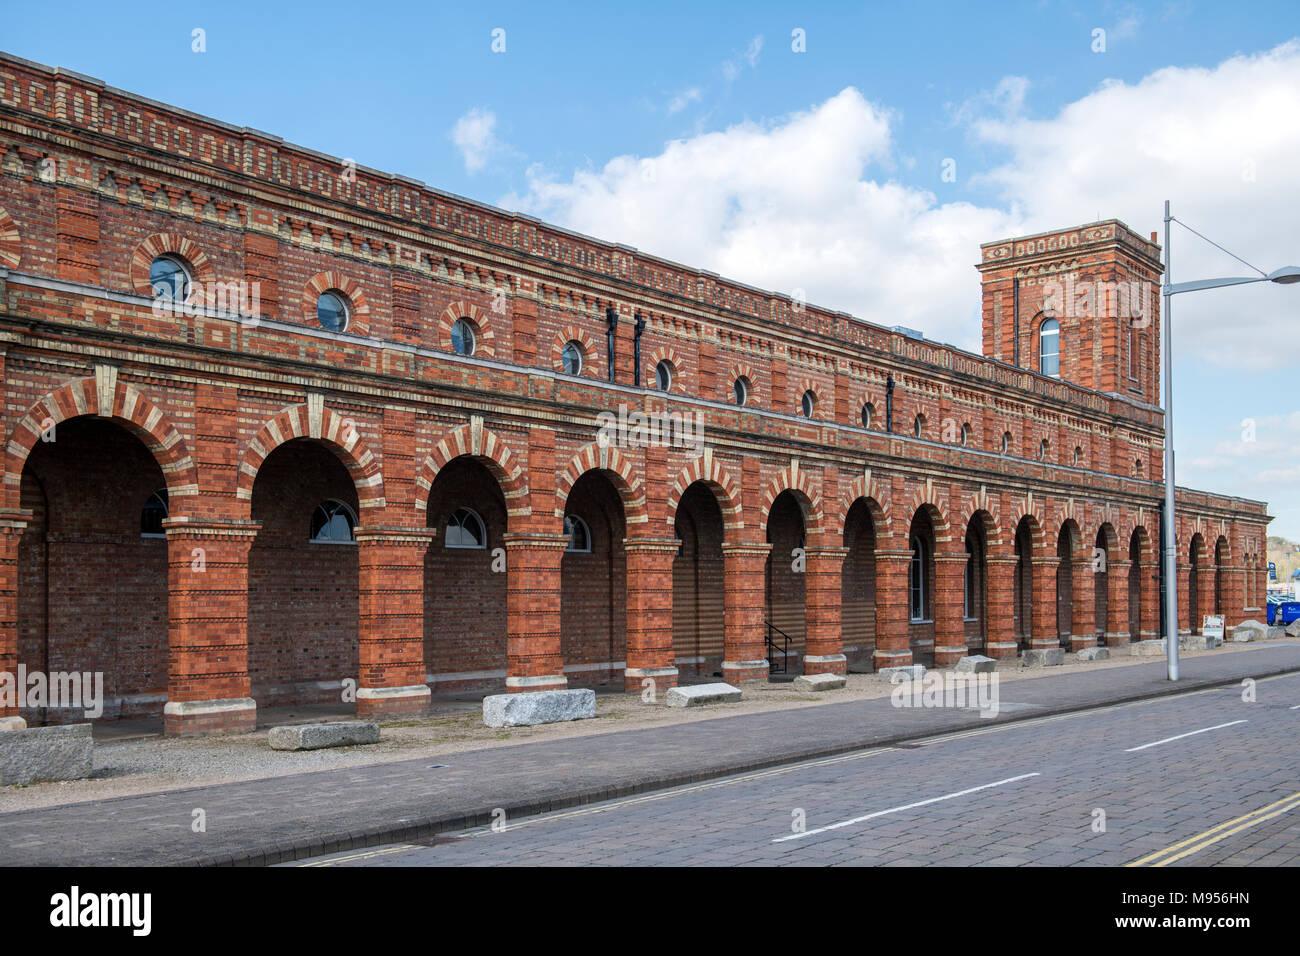 Viktorianische Pumpenhaus Chatham. Jetzt die Kupfer niet Distillery. Stockbild